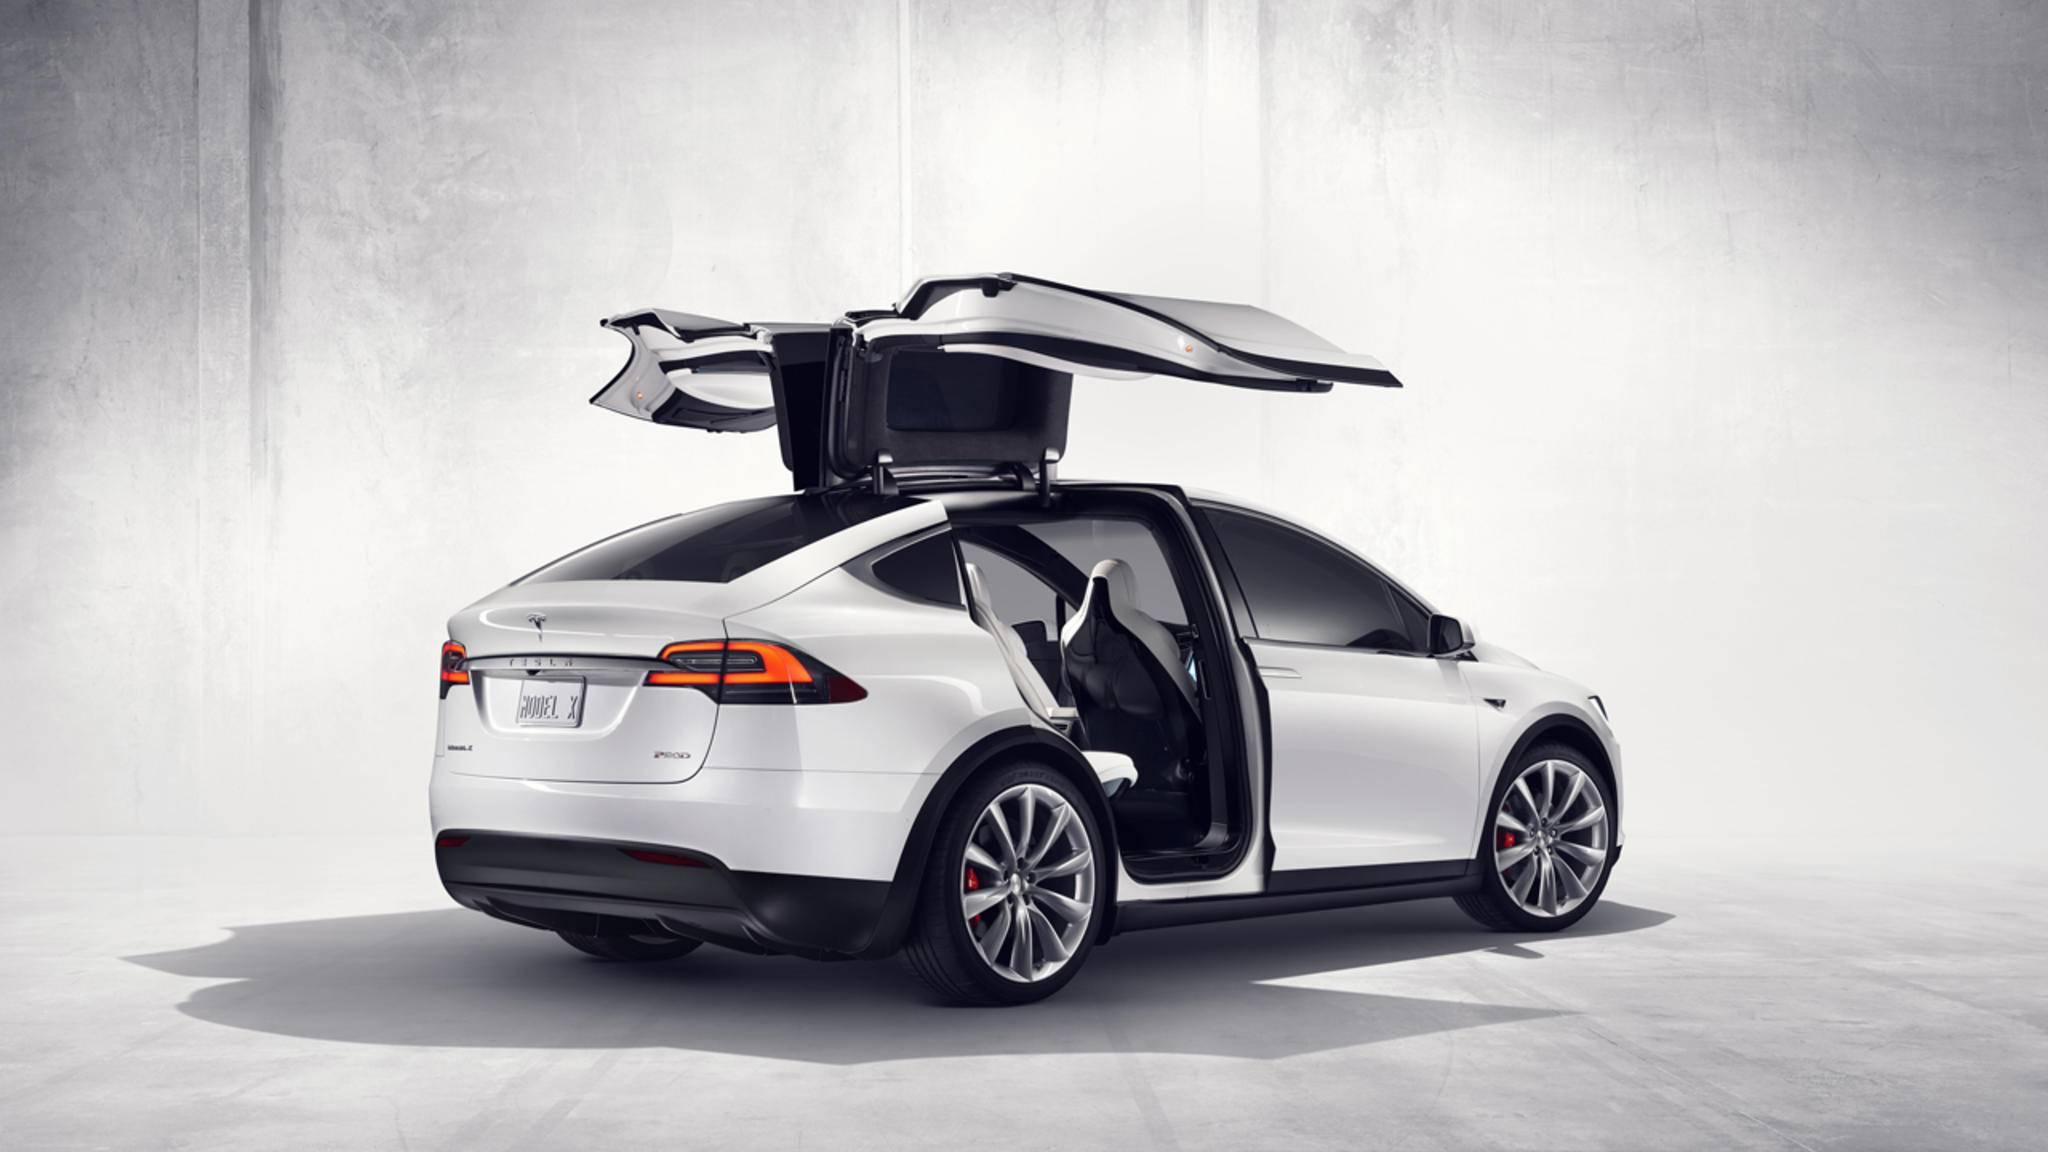 Das Model X von Tesla ließ sich mit fremden Autoschlüsseln öffnen – ein Update hat die Sicherheitslücke geschlossen.